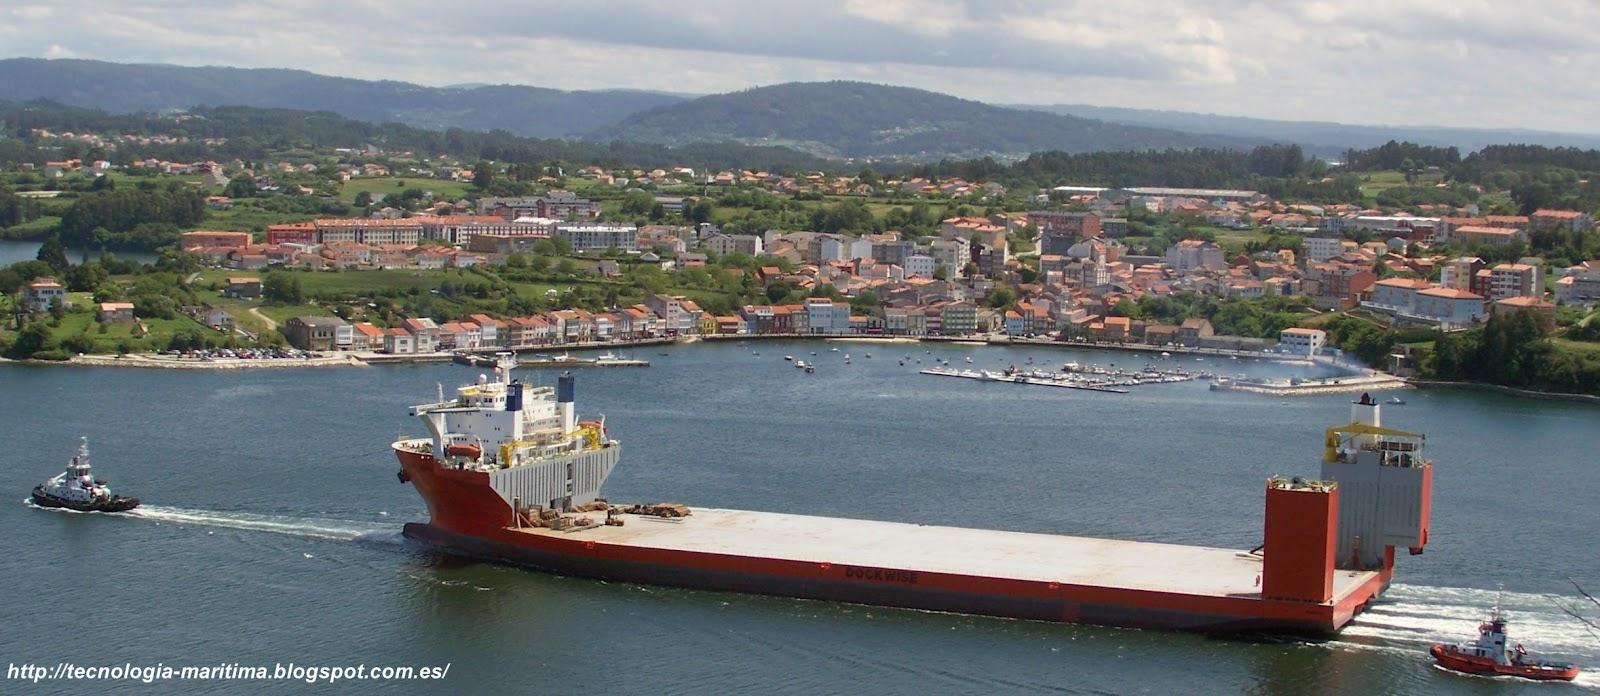 Blue marlin ship size